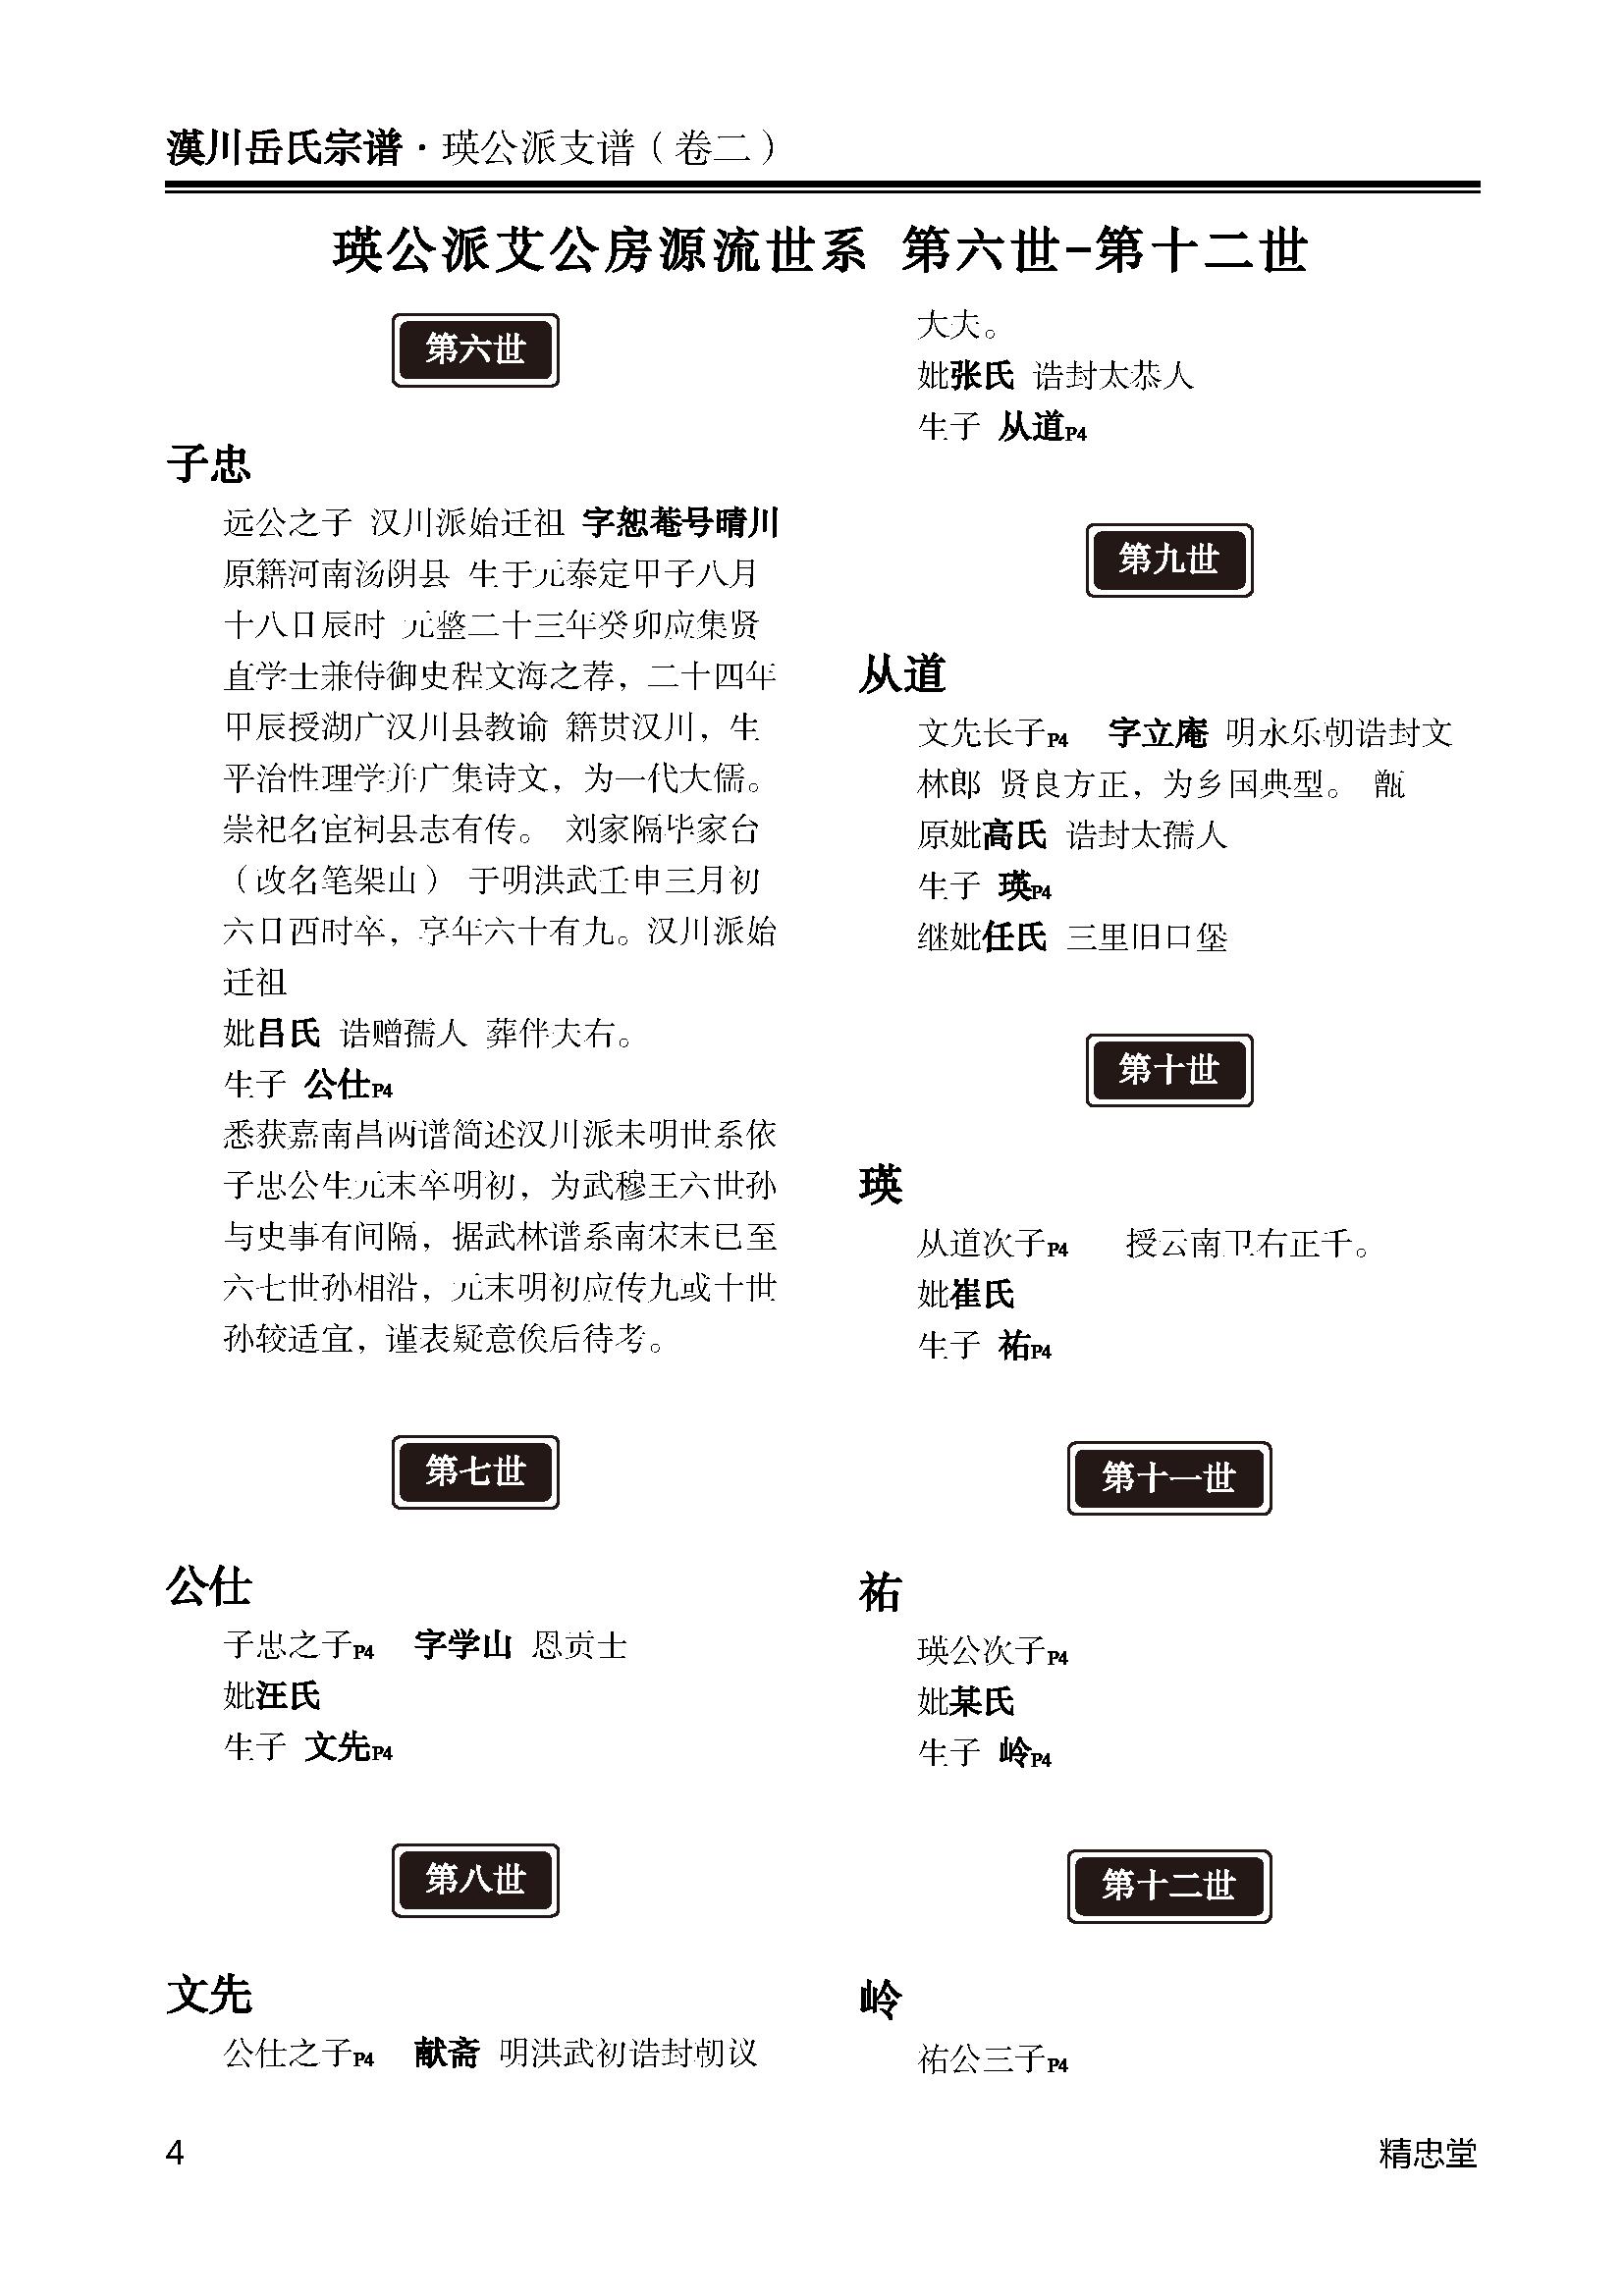 页面提取自-05新简约字典式_页面_4